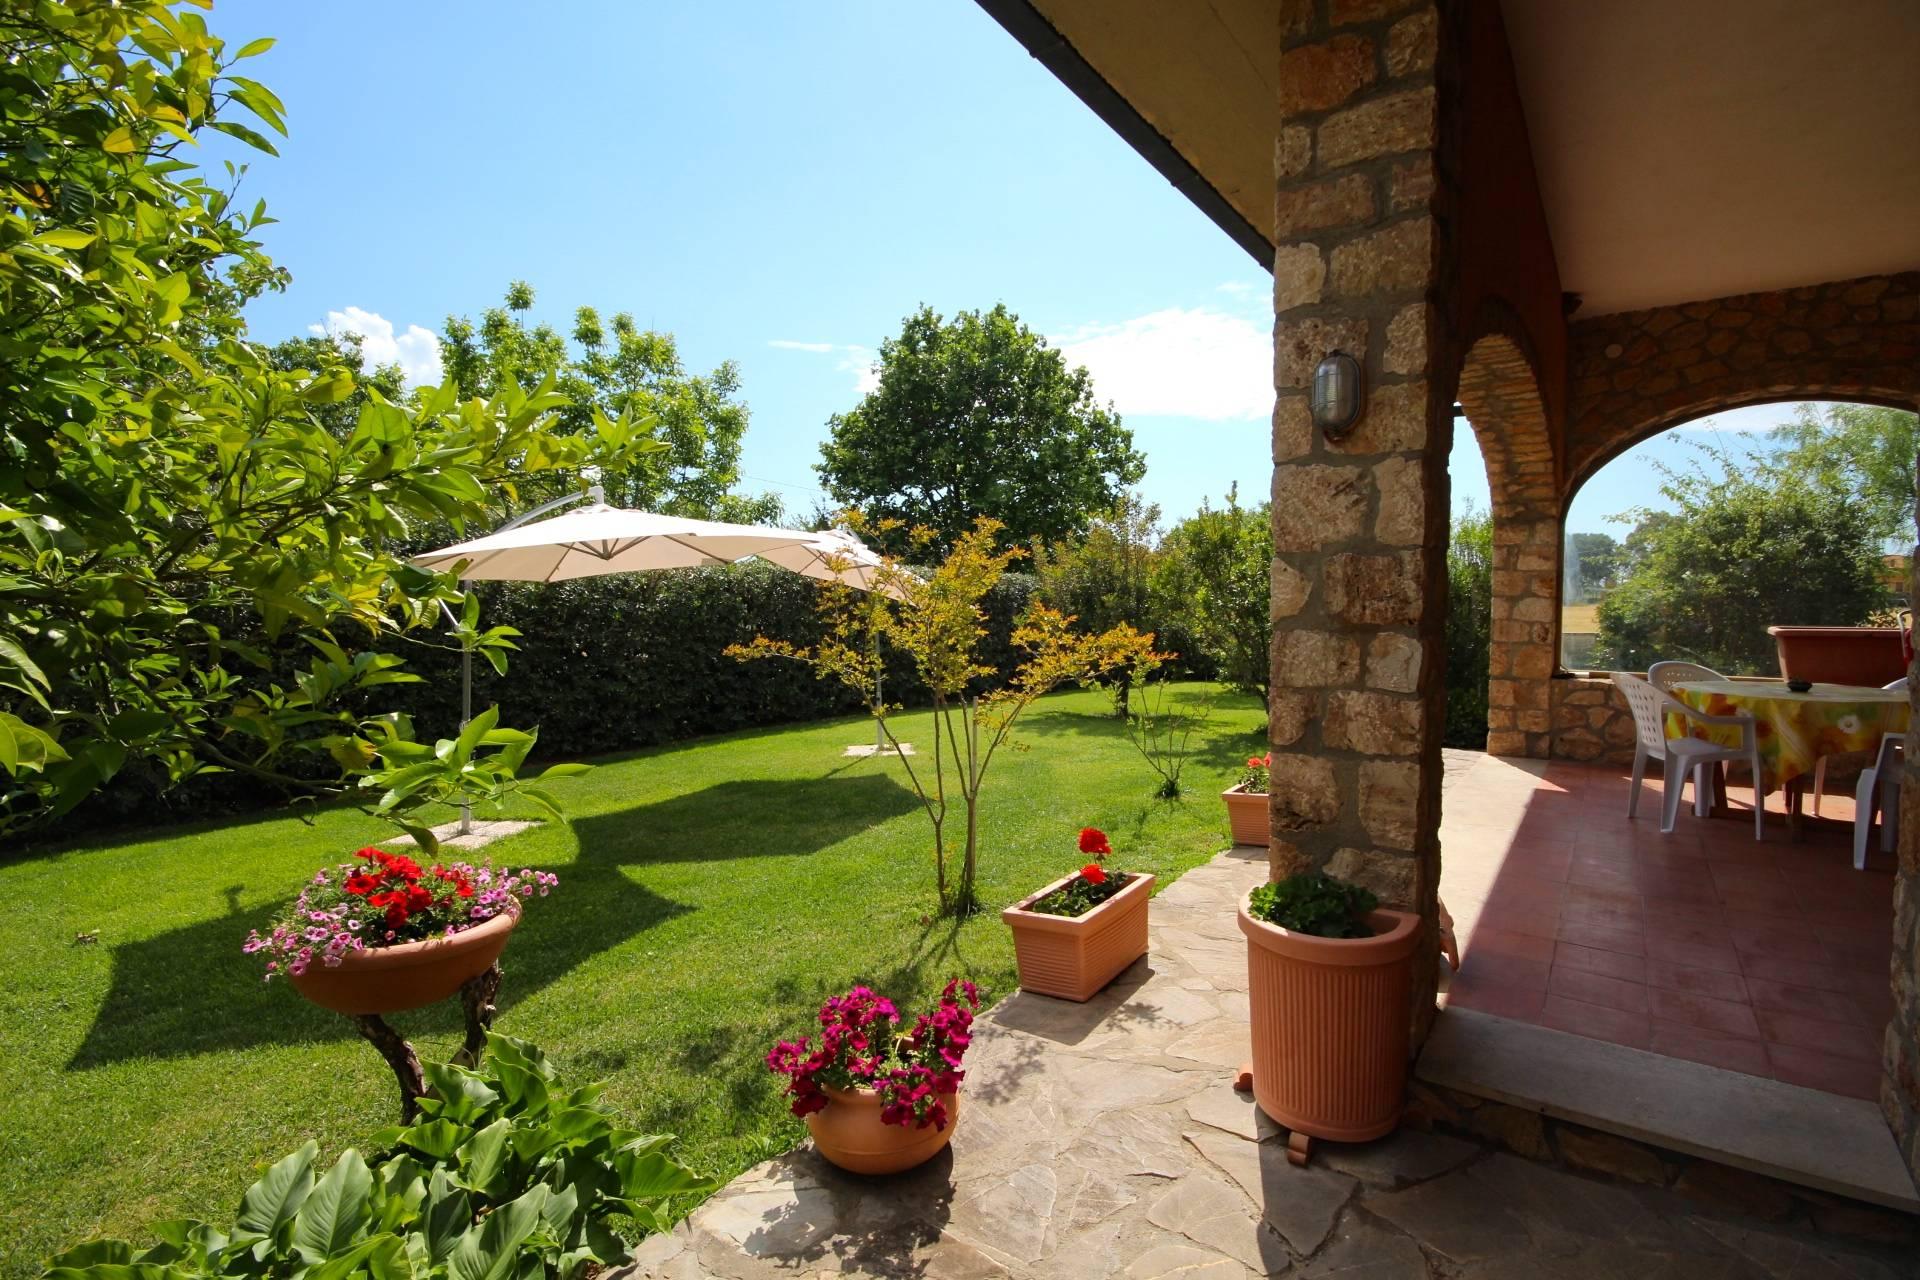 Villa in vendita a Orbetello, 6 locali, zona Località: LaParrina, prezzo € 450.000 | Cambio Casa.it